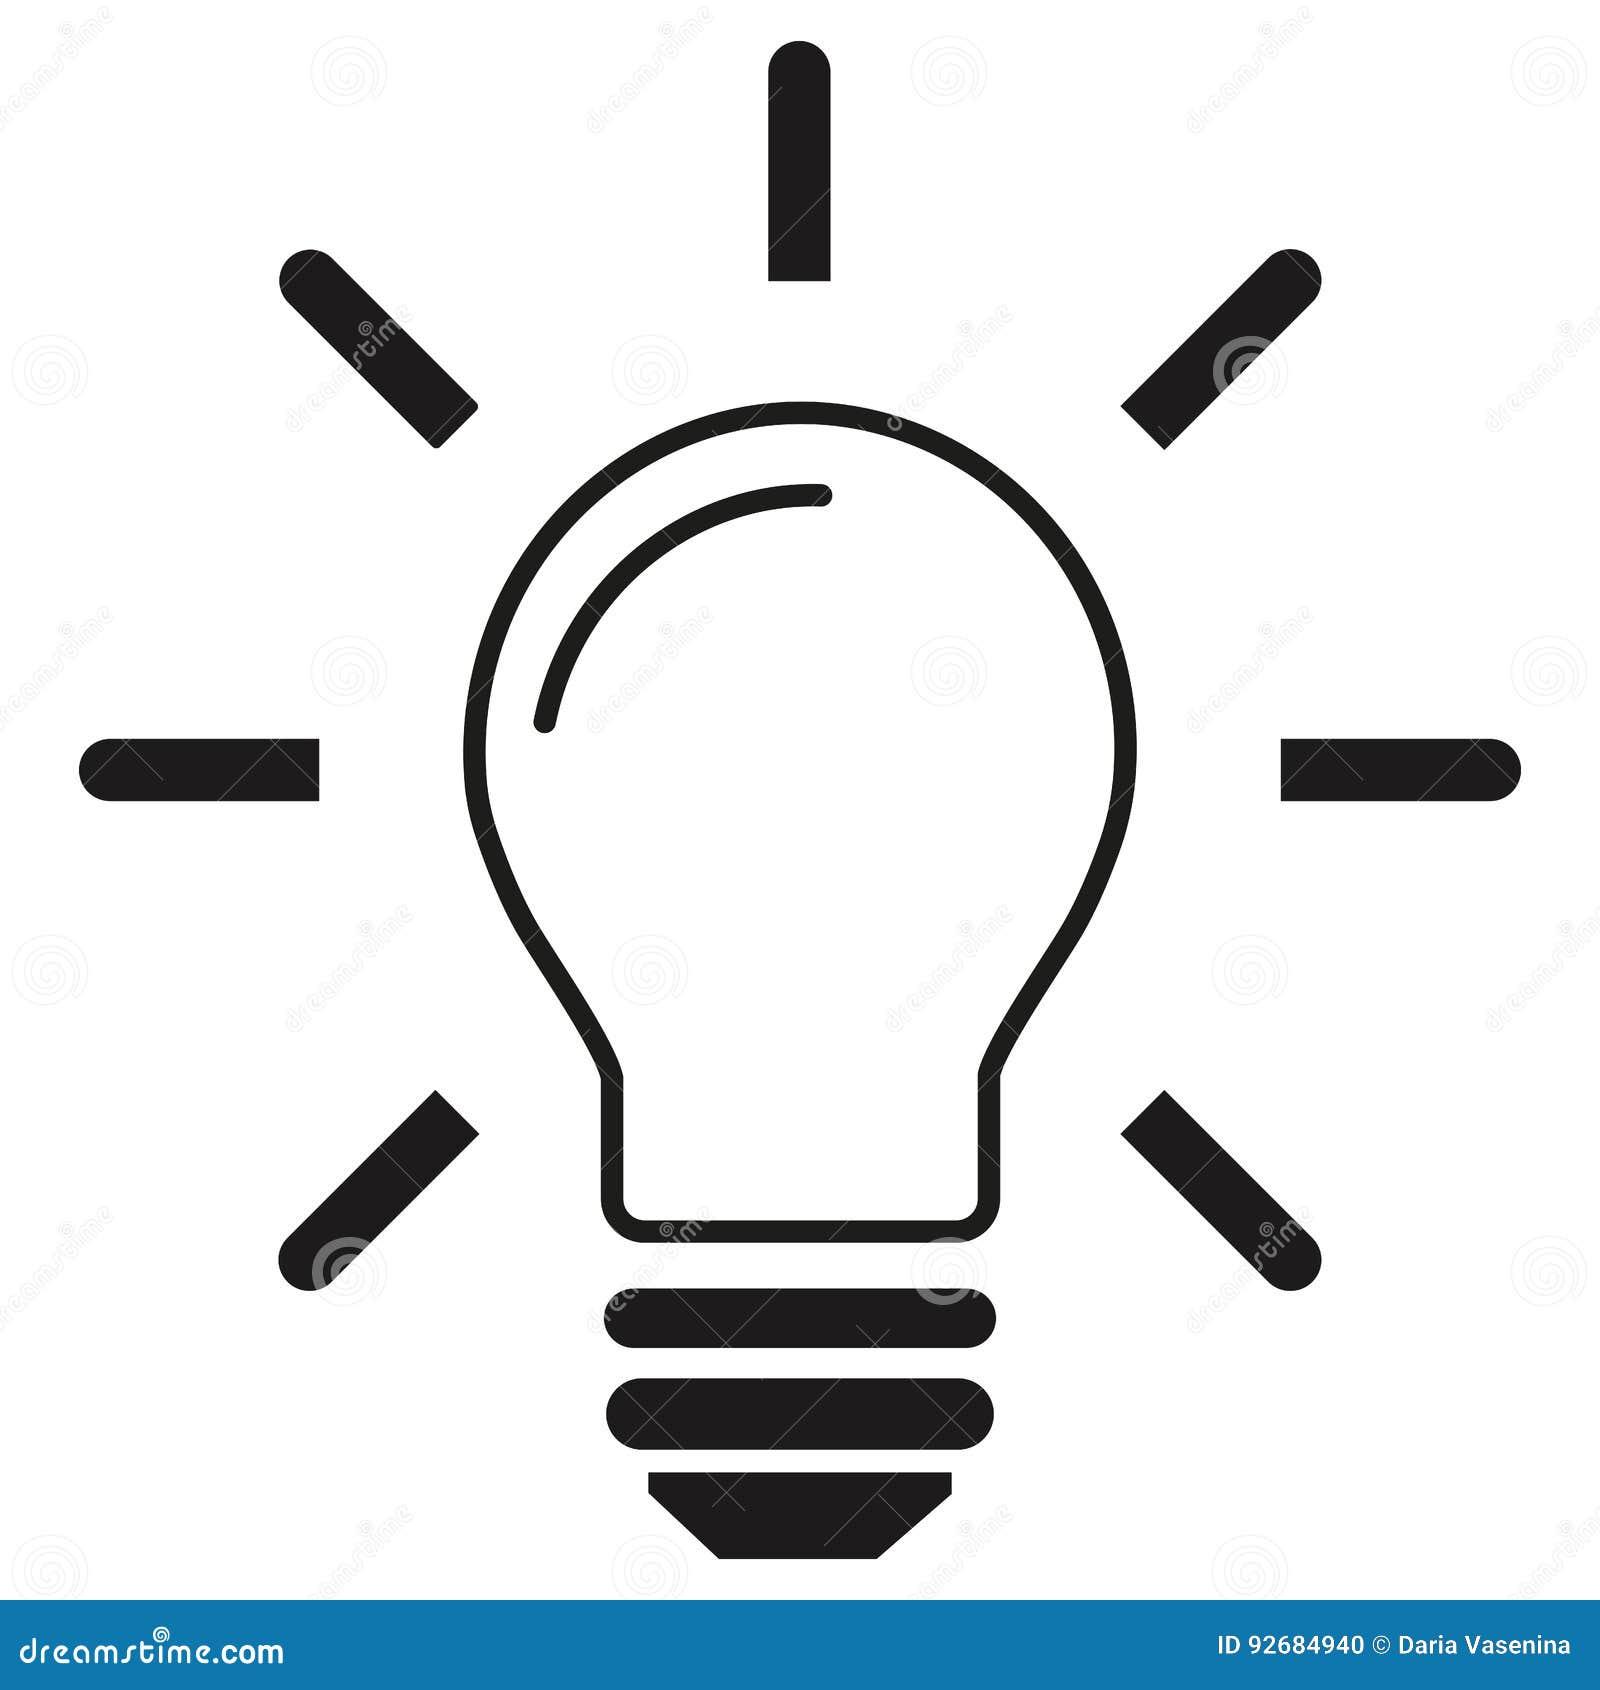 Ligne D'icôneD'isolement Le Blanc Vecteur D'ampoule Sur Fond kn0wOP